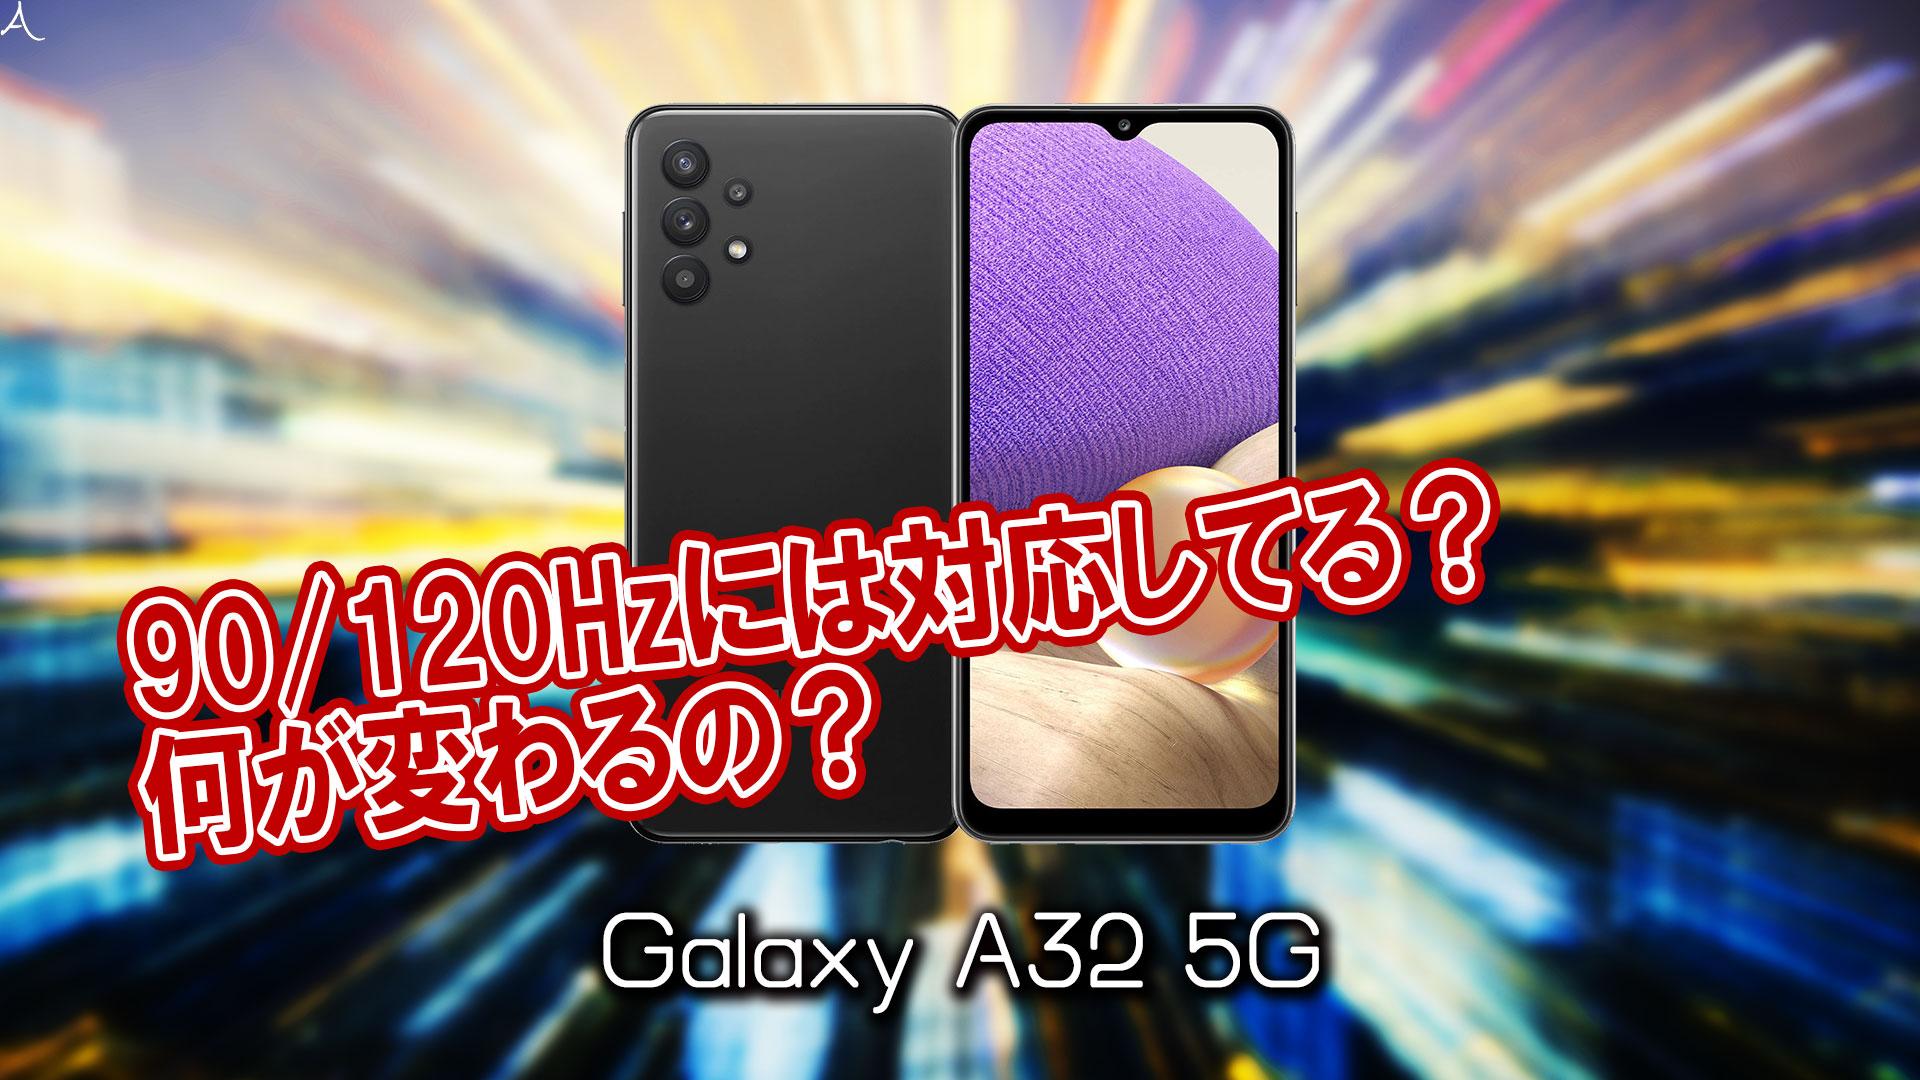 「Galaxy A32 5G」のリフレッシュレートはいくつ?120Hzには対応してる?